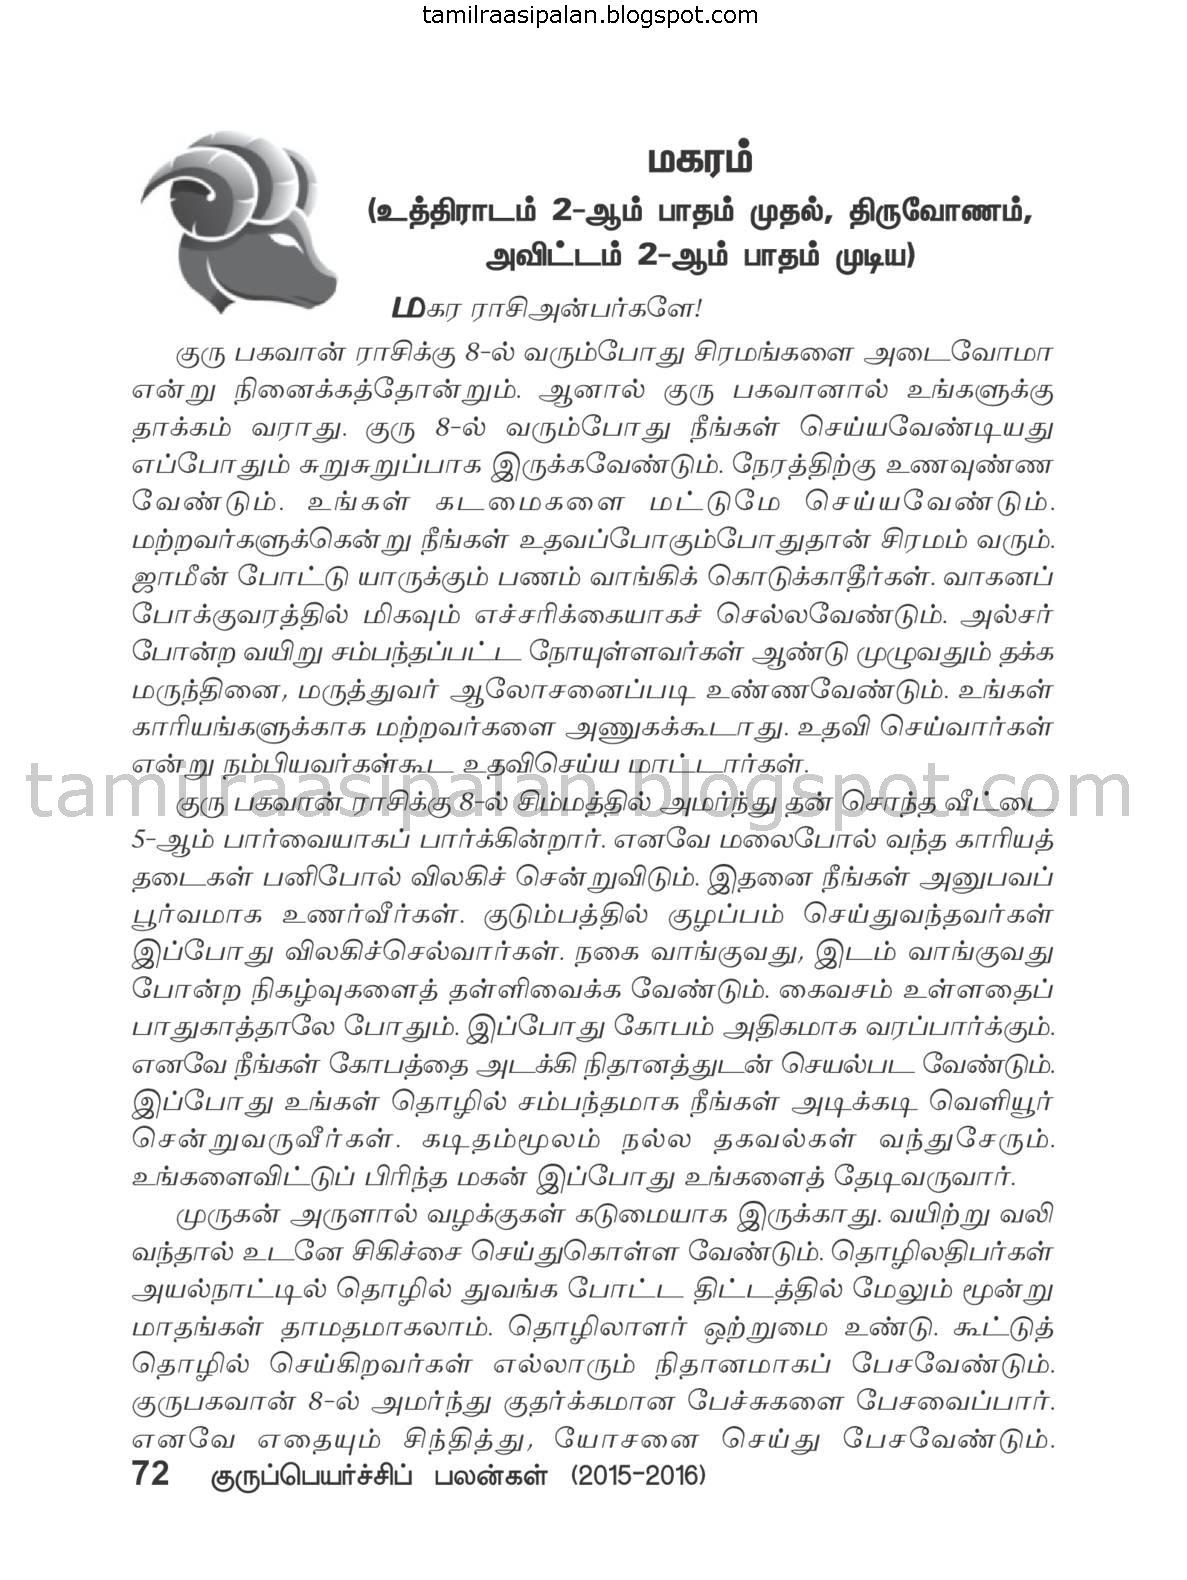 Makaram Guru Peyarchi Palan 2015-2016 Free Online